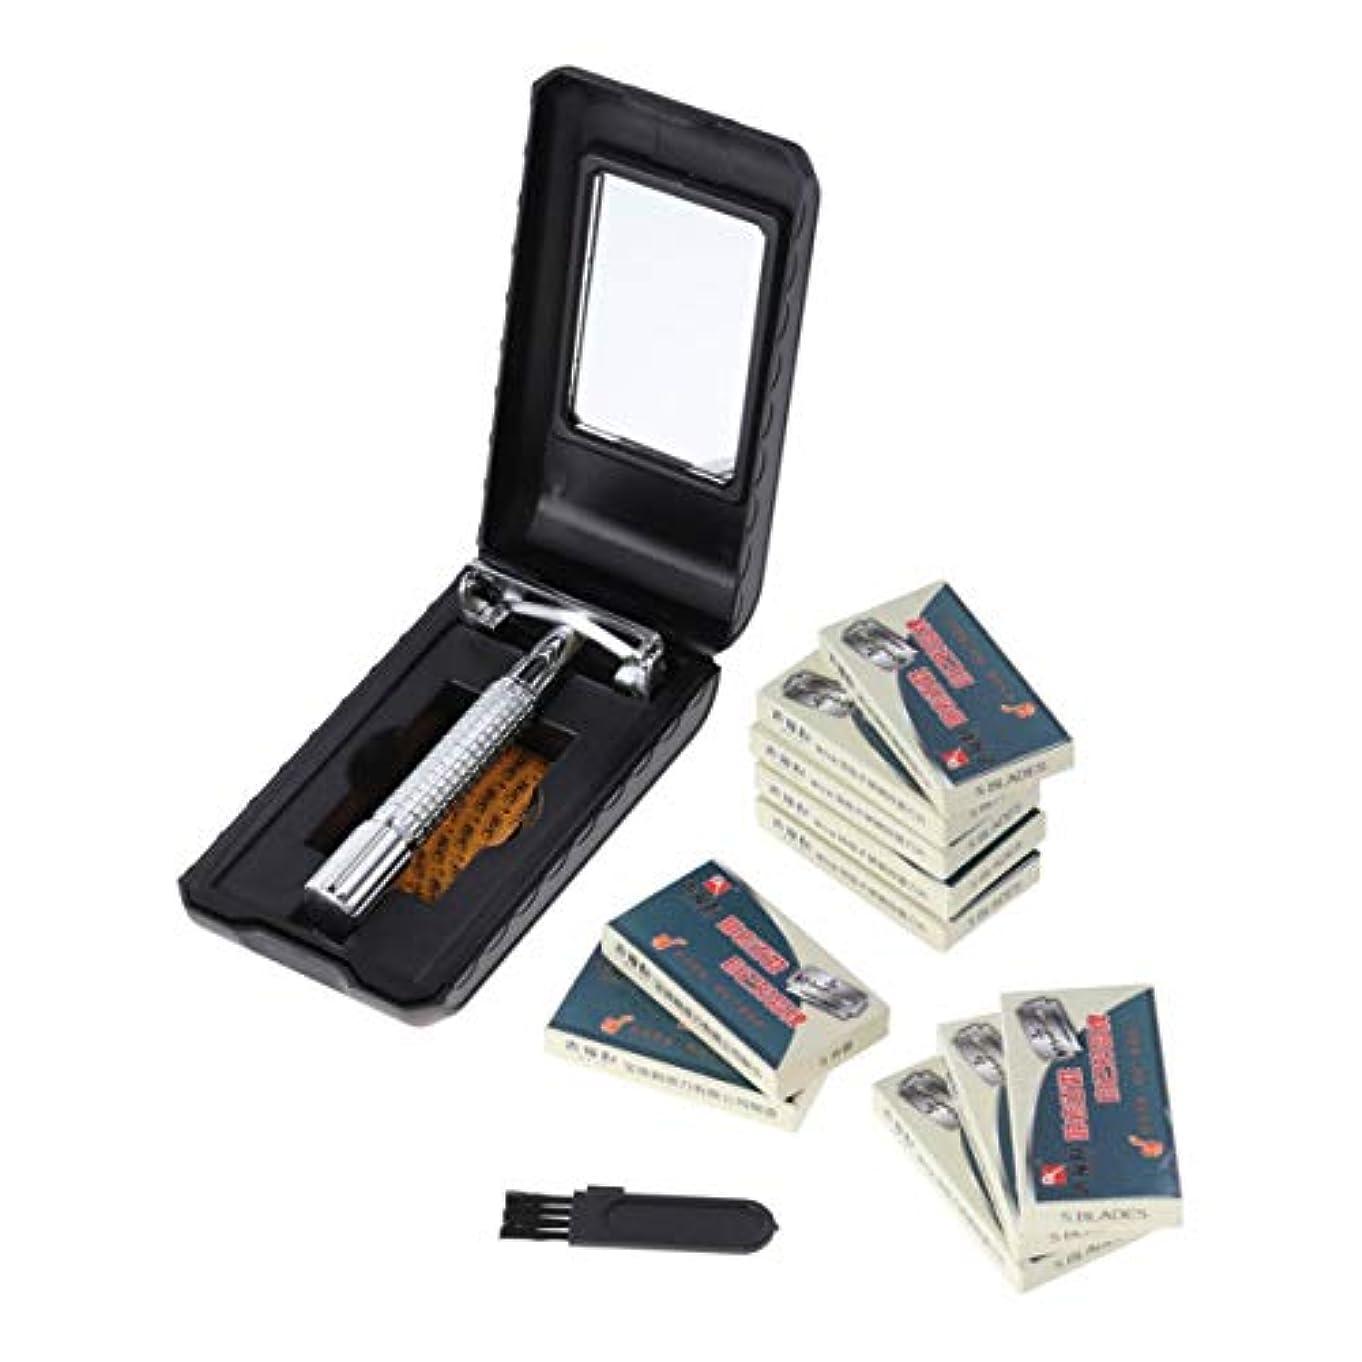 死ぬバスクリスチャンSUPVOX 男性のための50pcs刃の二重端の携帯用ステンレス鋼が付いている安全かみそり